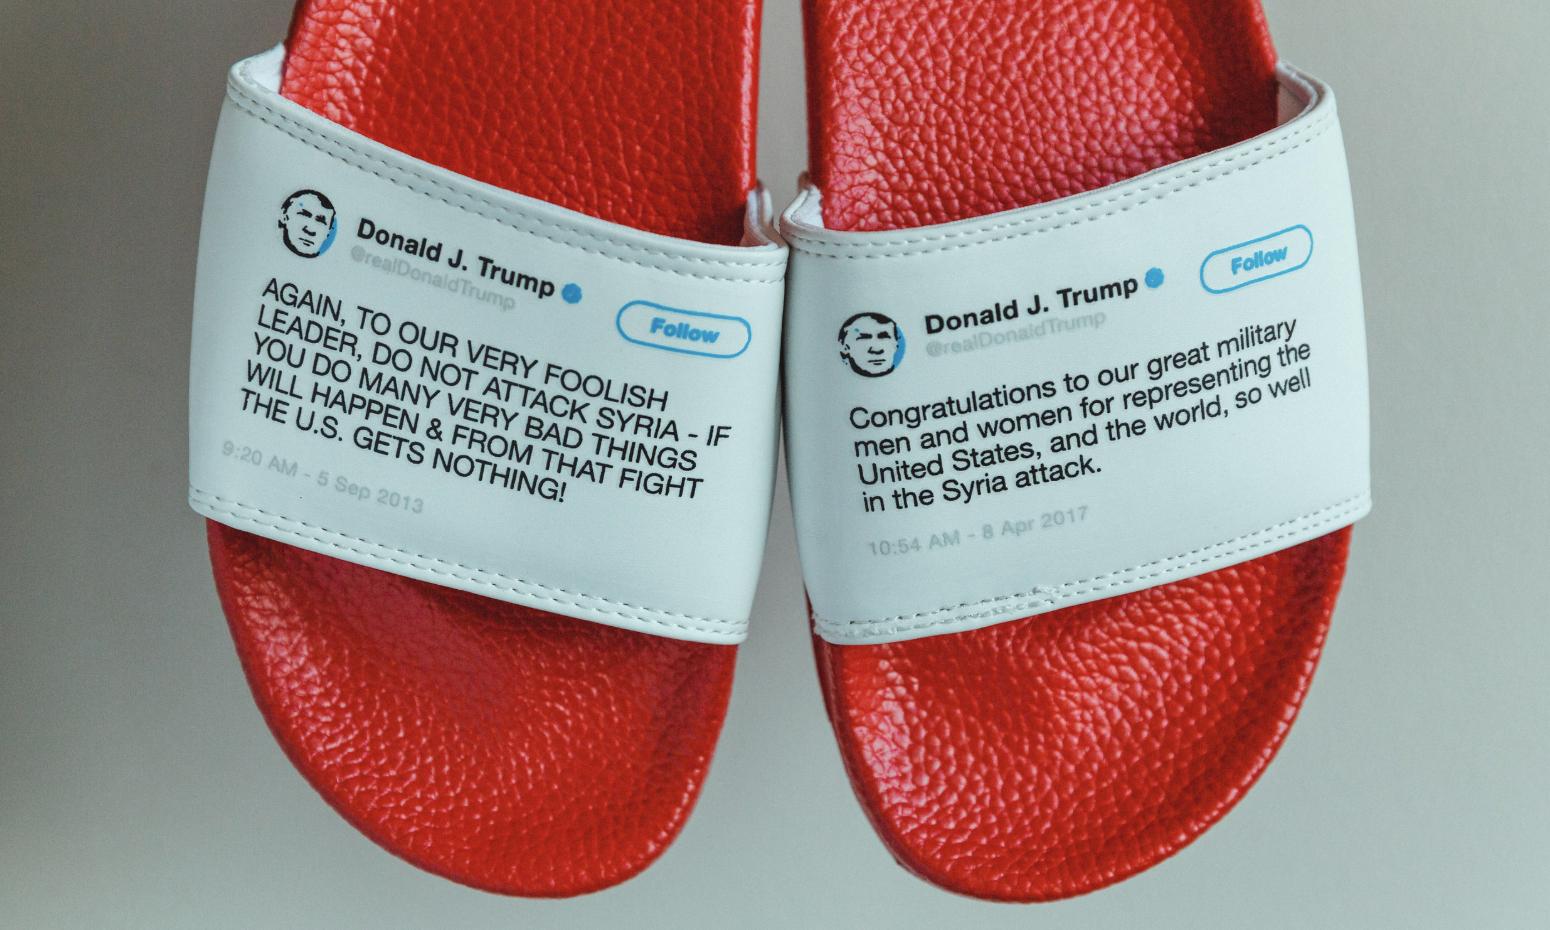 有人把特朗普在 Twitter 上的言论做成了印花拖鞋